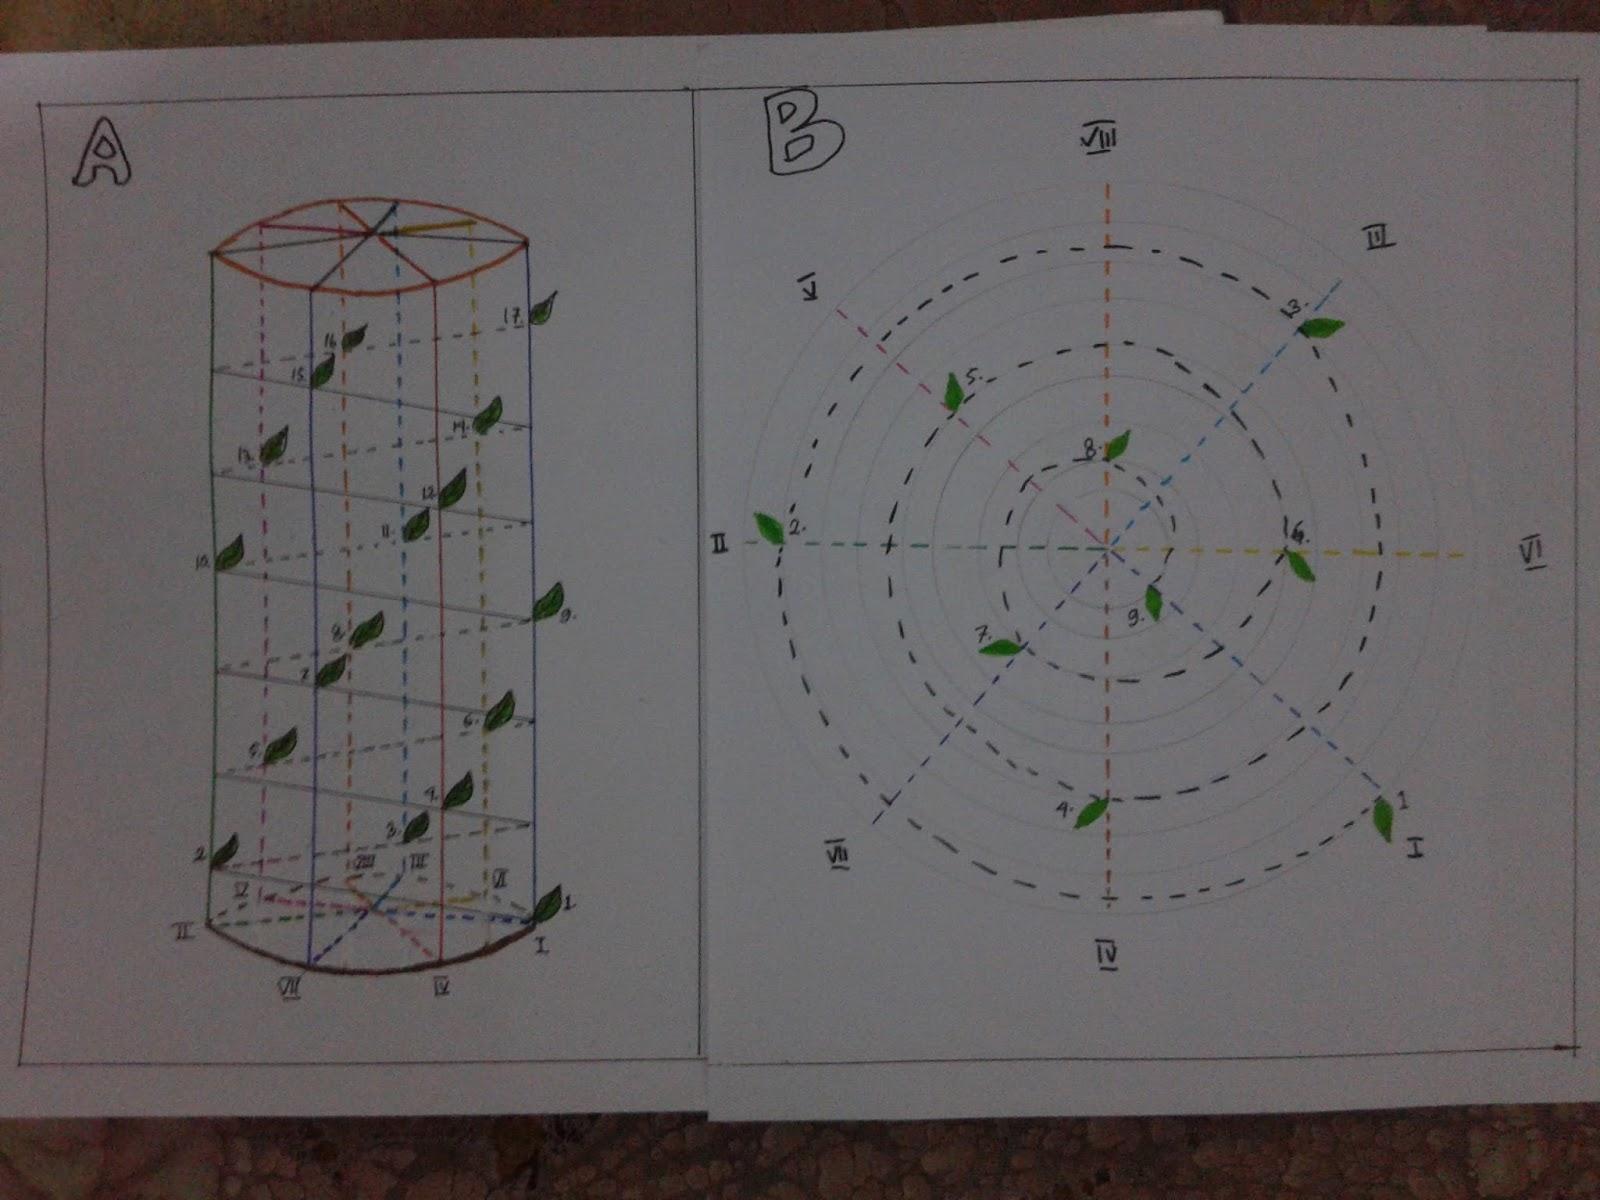 Biologi saya akan menjelaskan tentang bagan duduk daun dan diagram duduk daun menurut rumus 38 saya tidak menjelaskan materi tetapi langsung kecontoh saja agar ccuart Images